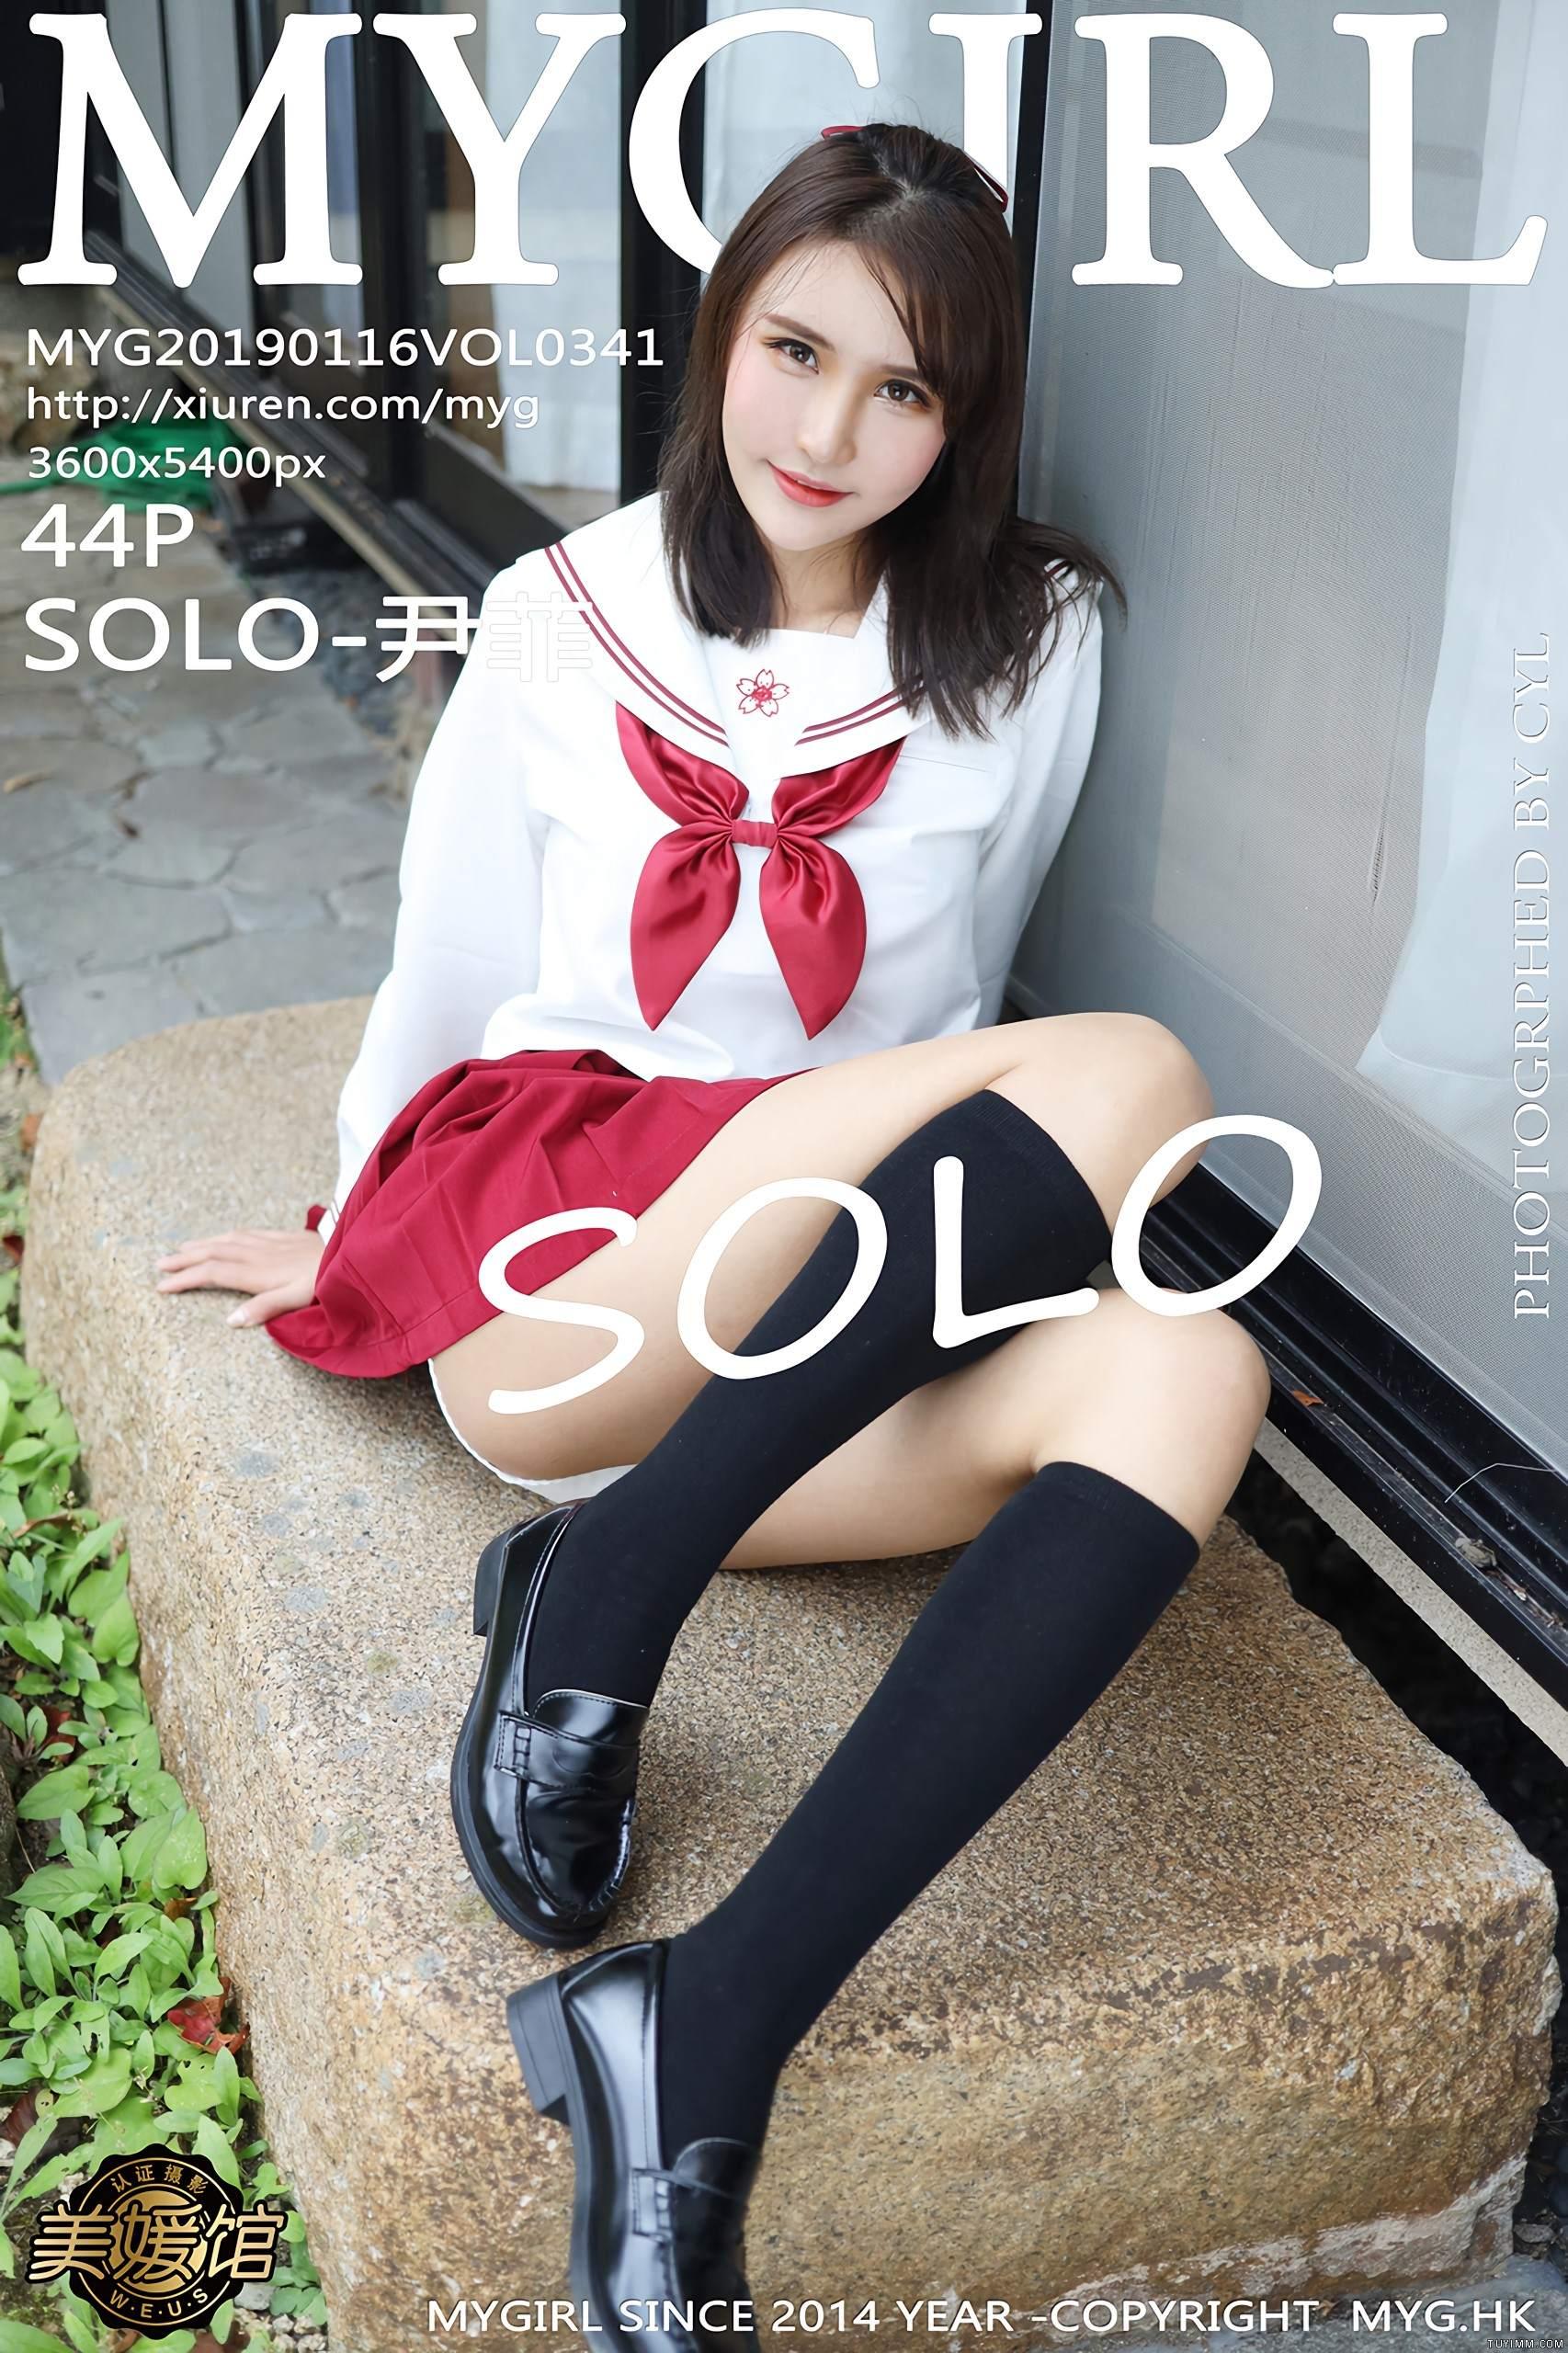 [福利] SOLO-尹菲-第25张图片-哔哔娱乐网